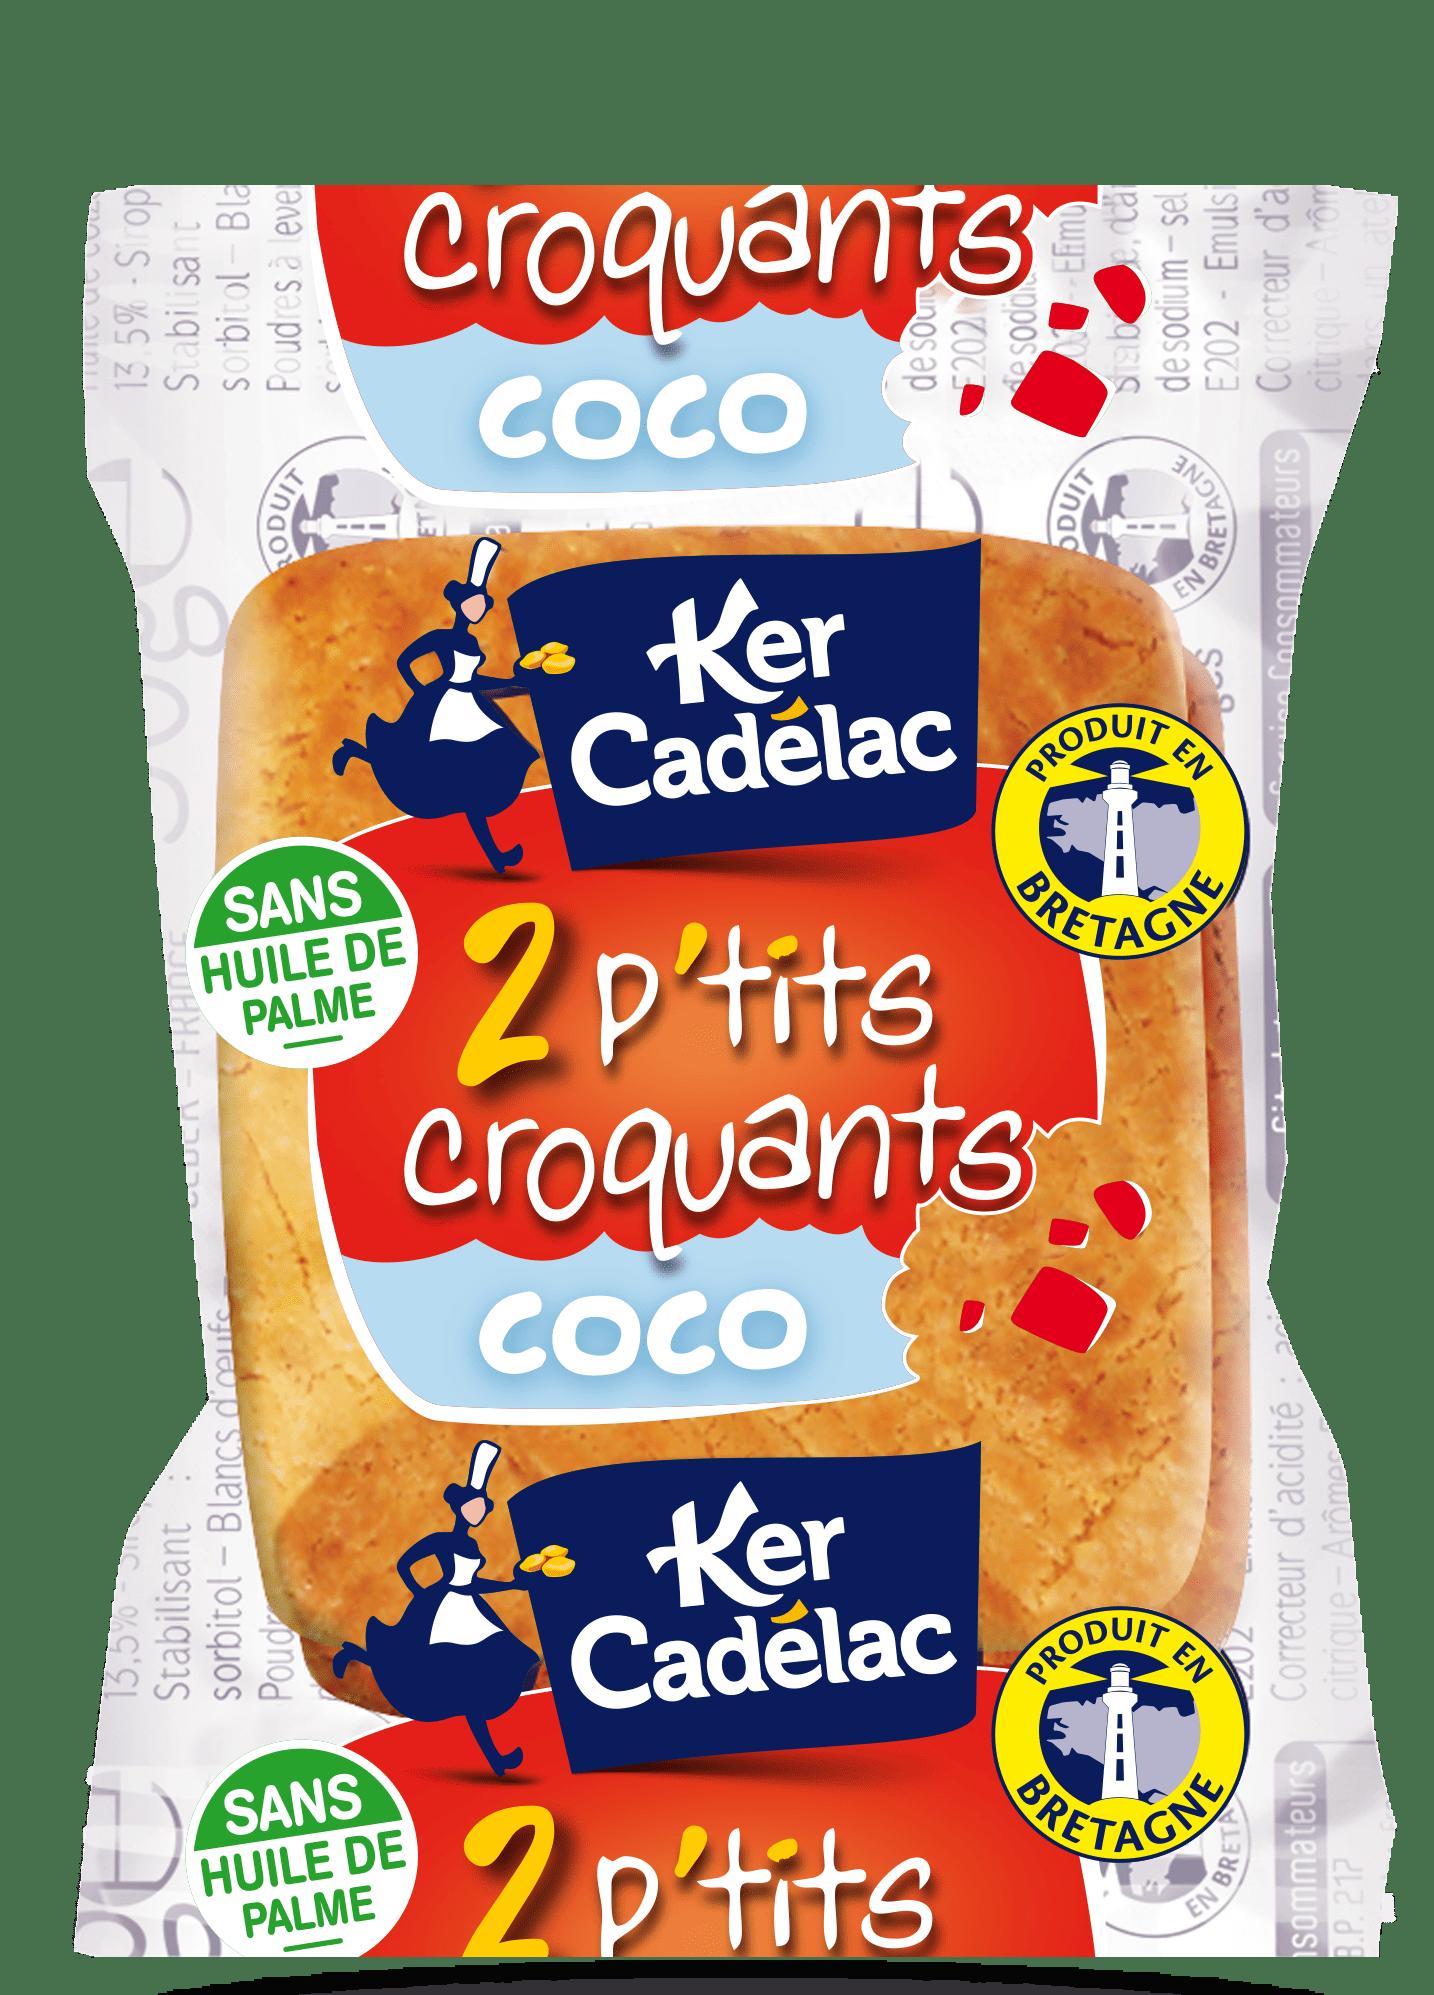 P'tits croquants coco | Ker Cadélac